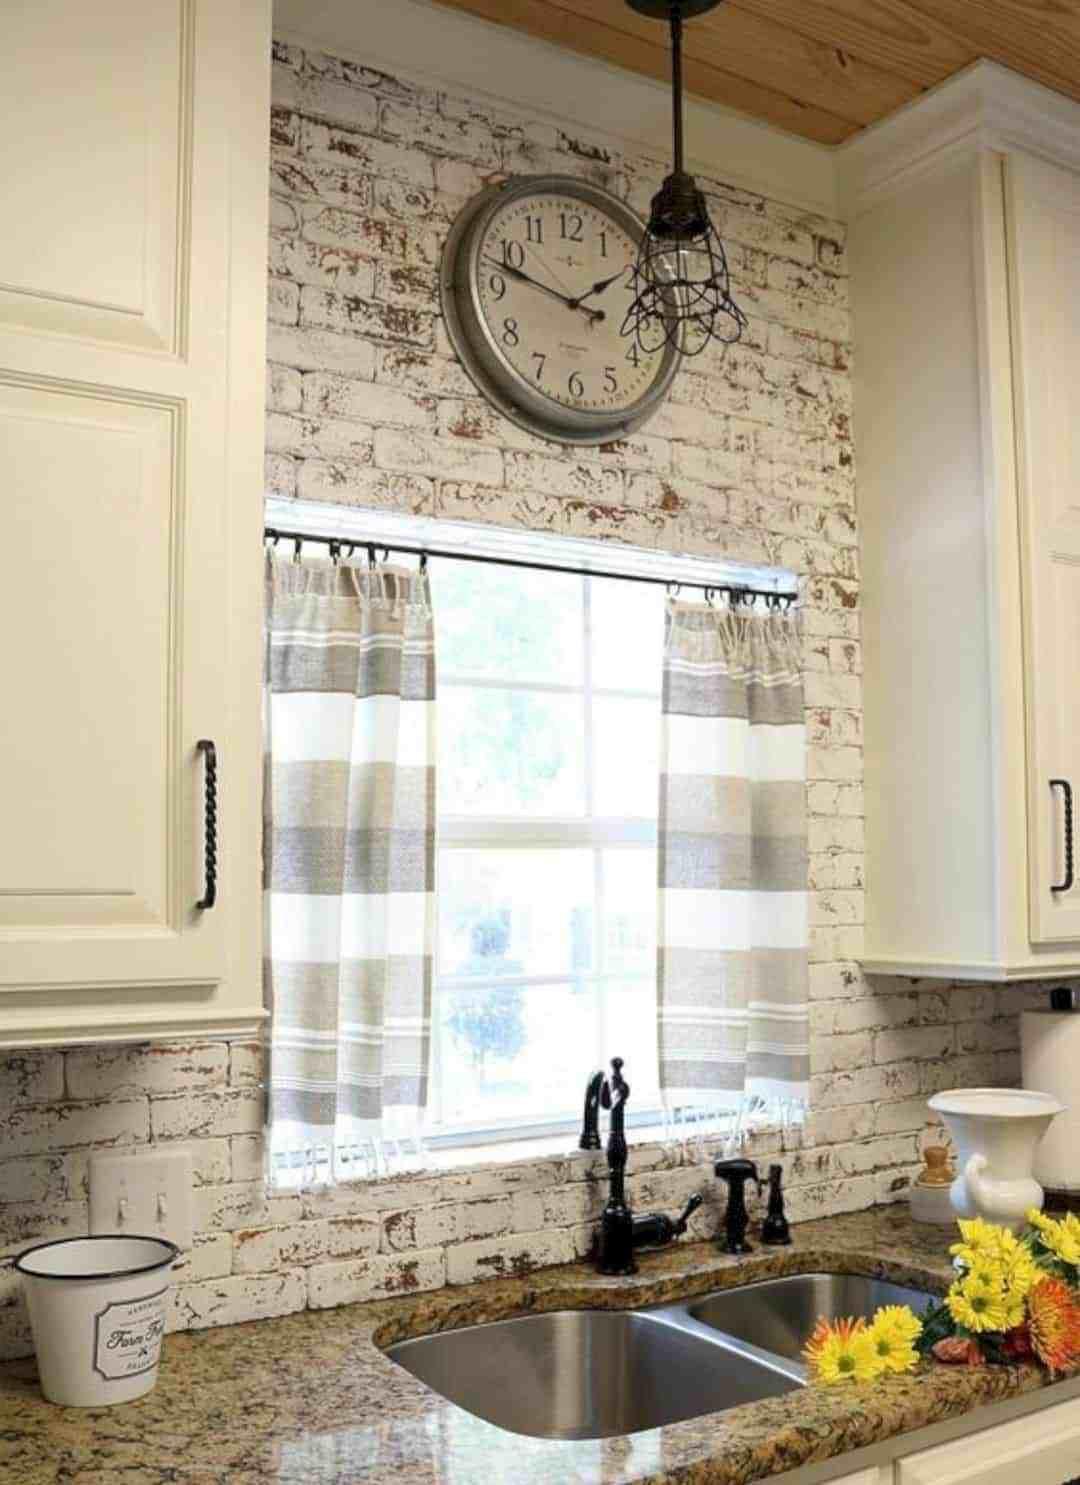 Best ideas about Pinterest Kitchen Decorating . Save or Pin 16 Stunning Kitchen Wall Decorating Ideas Futurist Now.